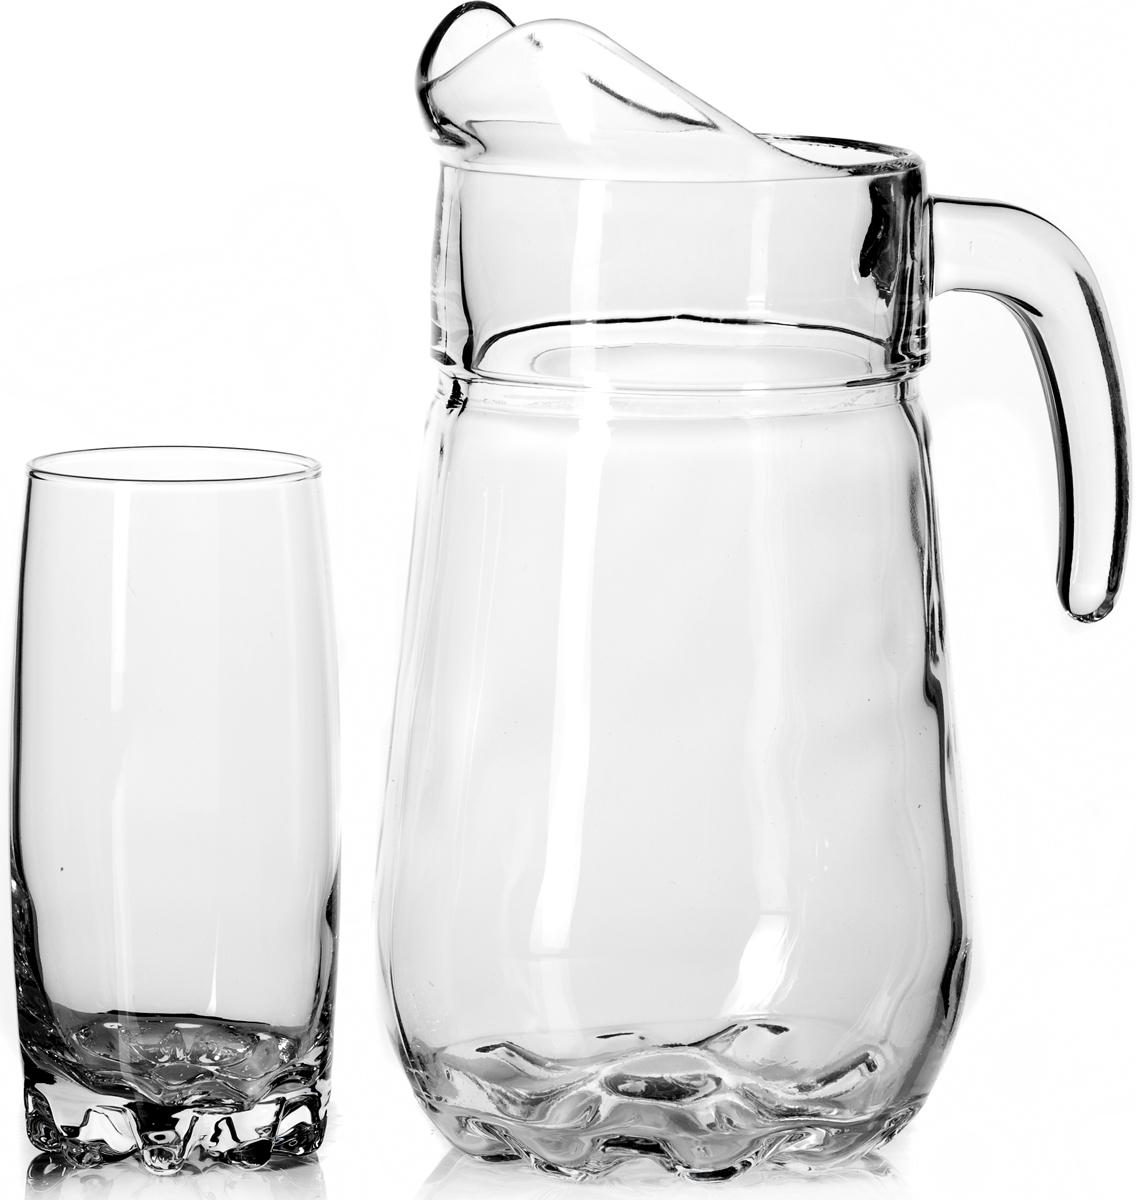 Набор питьевой Pasabahce Sylvana, 7 предметов97875BПитьевой набор Pasabahce Sylvana состоит из 6 стаканов и кувшина. Изделия выполнены из высококачественного прочного стекла. Набор прекрасно подходит для сока, воды, лимонада и других напитков.Изделия устойчивы к повреждениям и истиранию, в процессе эксплуатации не впитывают запахии сохраняют первоначальные краски. Можно мыть в посудомоечной машине.Объем кувшина: 2,6 л.Высота кувшина: 24 см.Объем стакана: 300 мл.Высота стакана: 15 см.